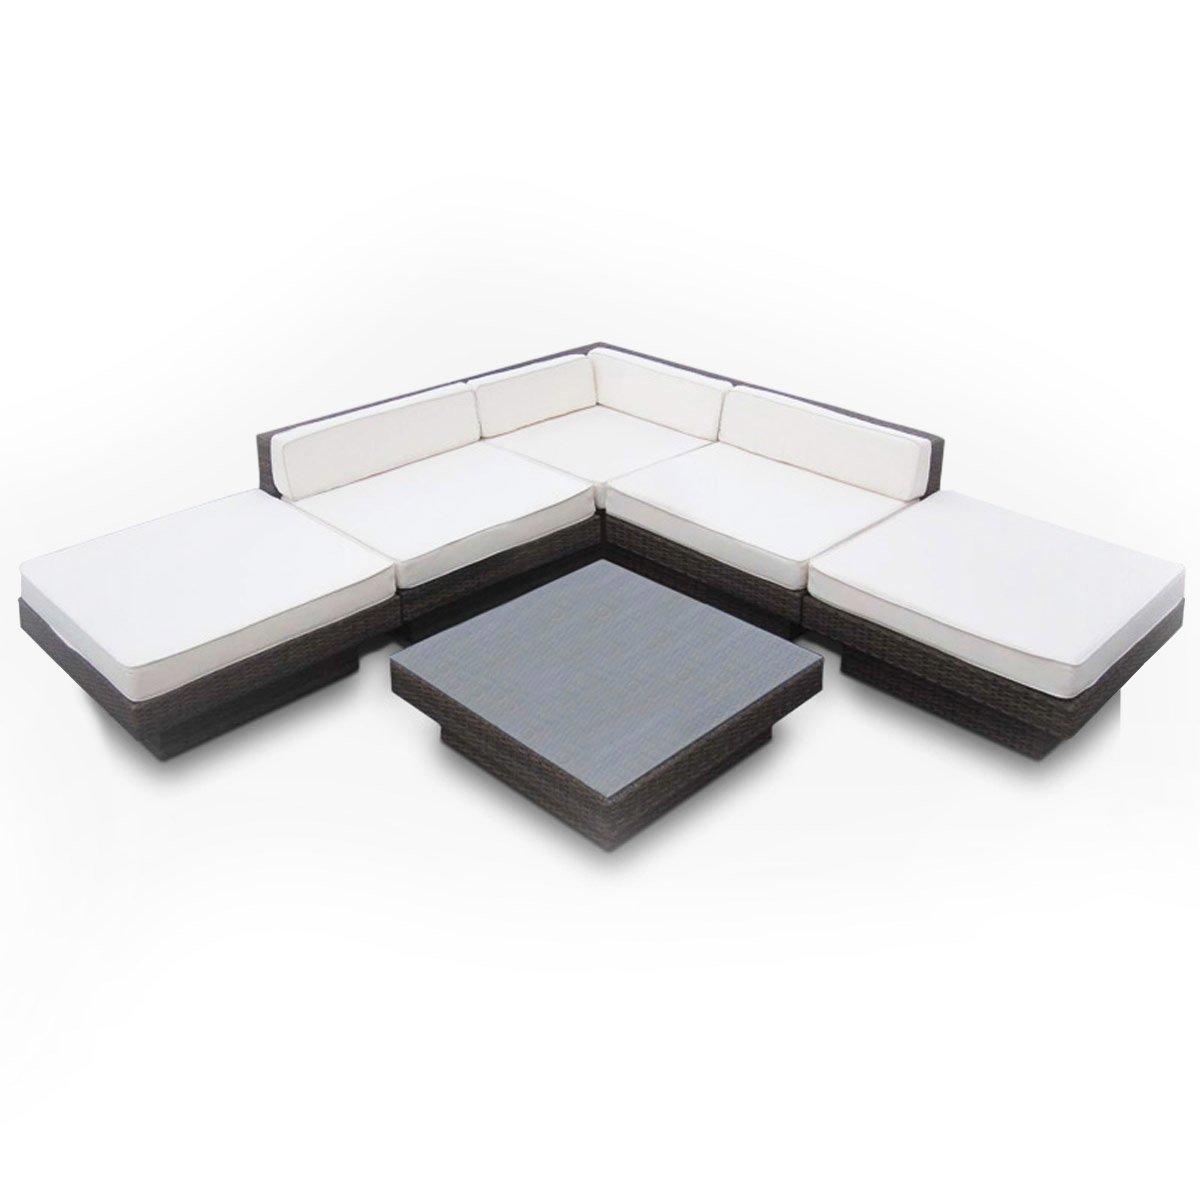 Premium Poly-Rattan Lounge Set Sitzgruppe XXL Sitzgarnitur Sitzgruppe Gartenmöbel Gartengarnitur 270x270cm